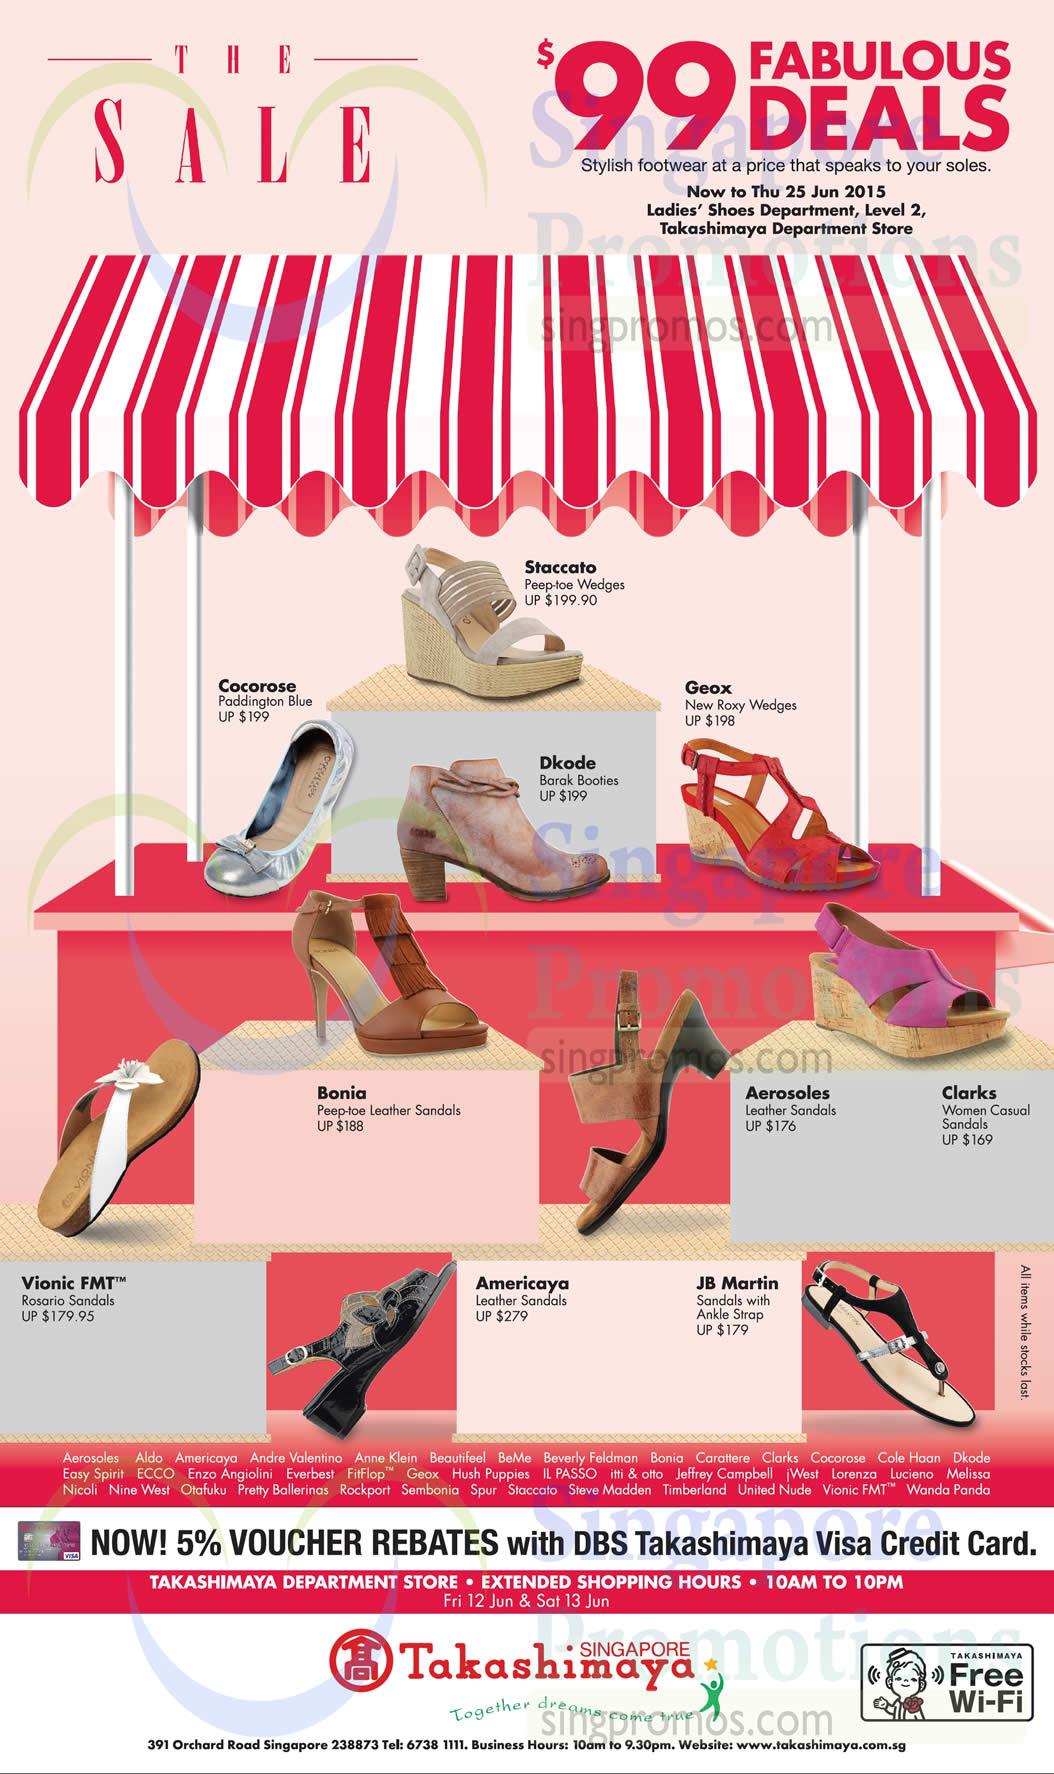 Takashimaya  99 Branded Ladies  Shoes Offers 12 – 25 Jun 2015 454341ecc9